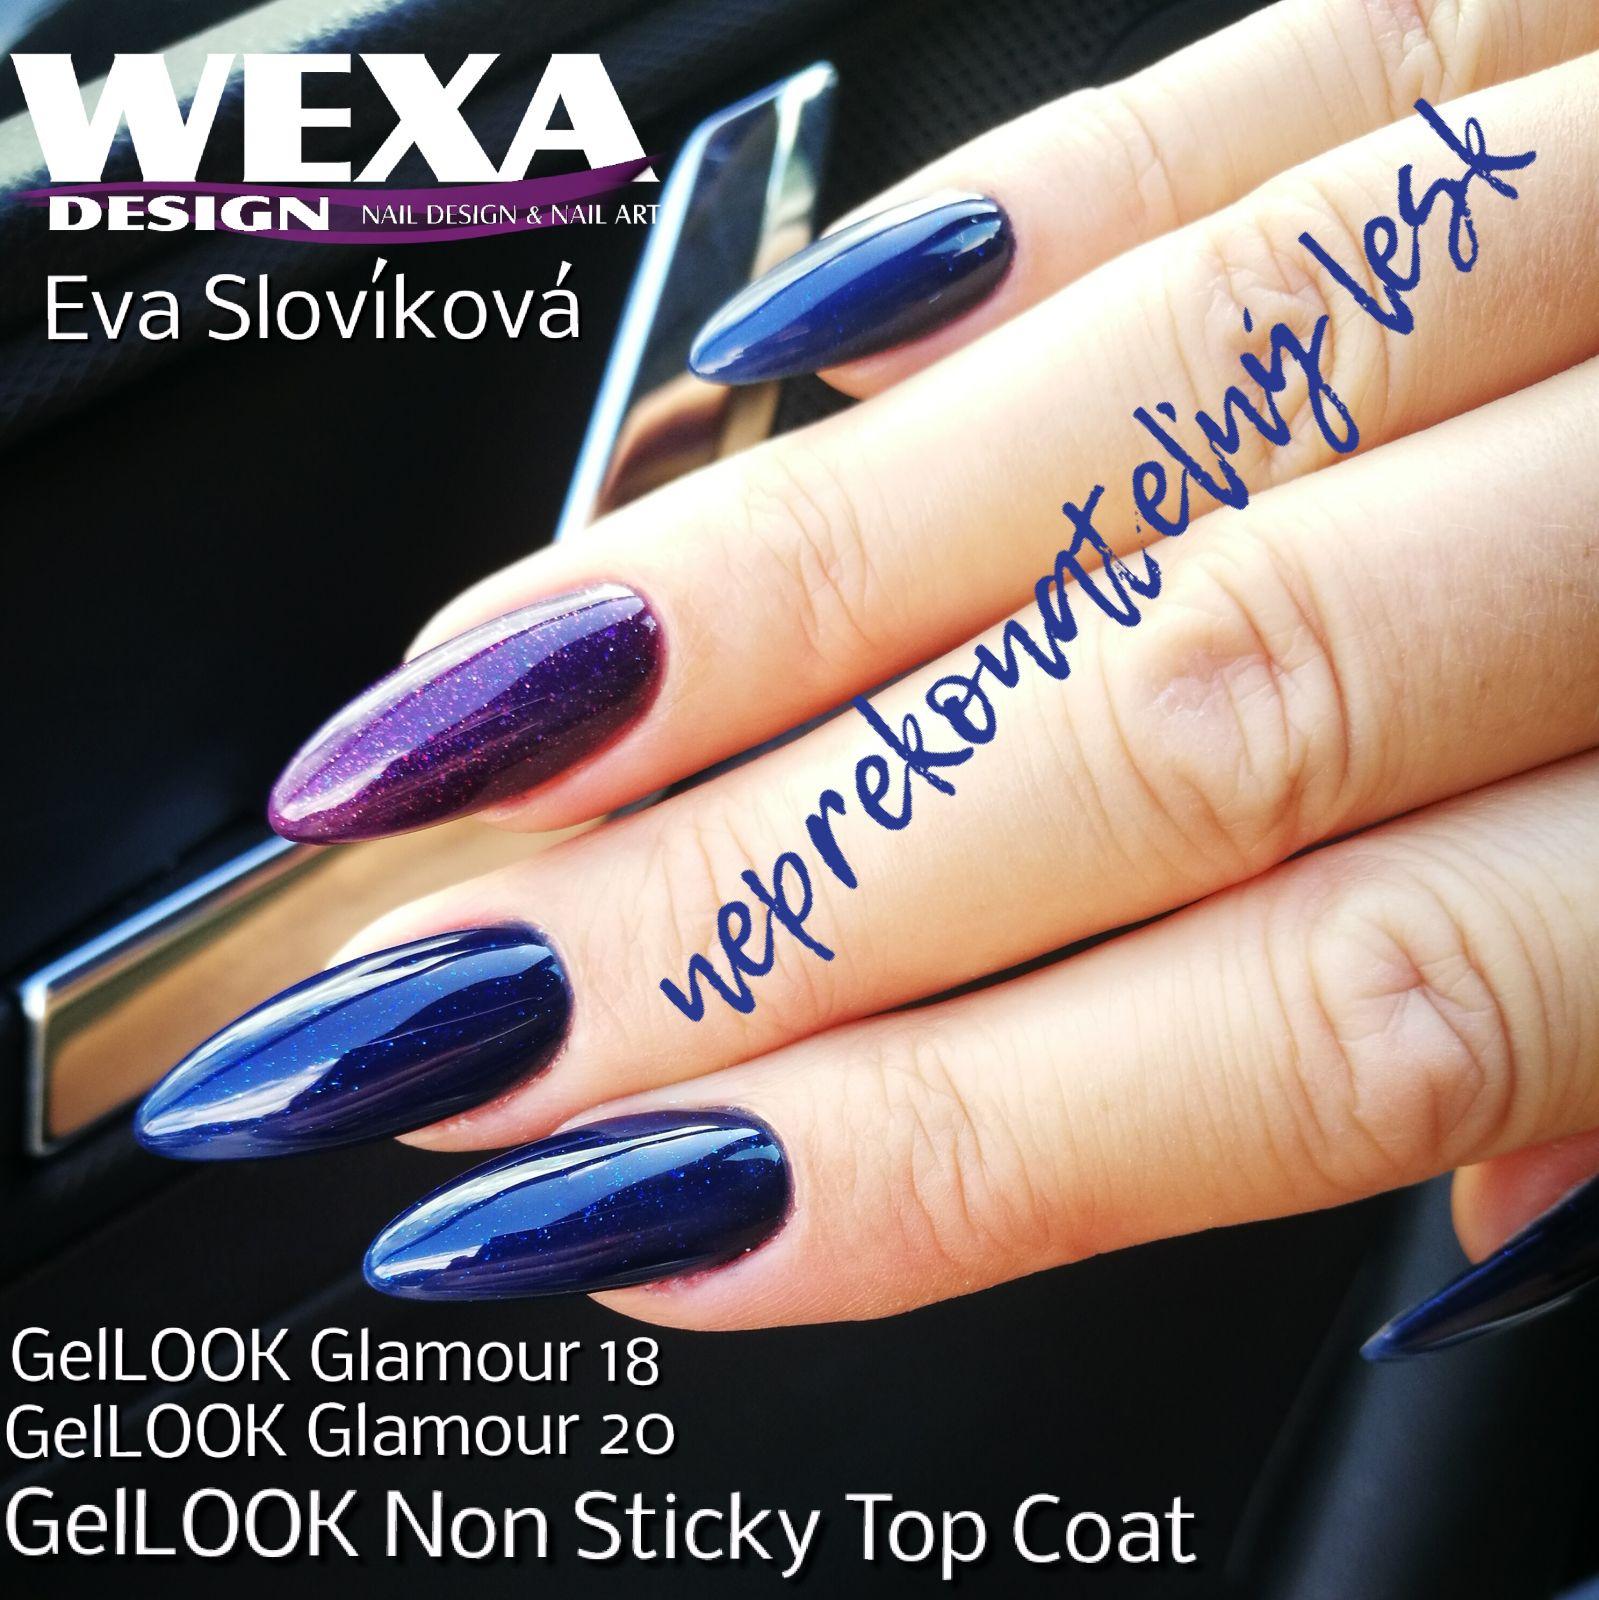 GelLOOK Glamour #20